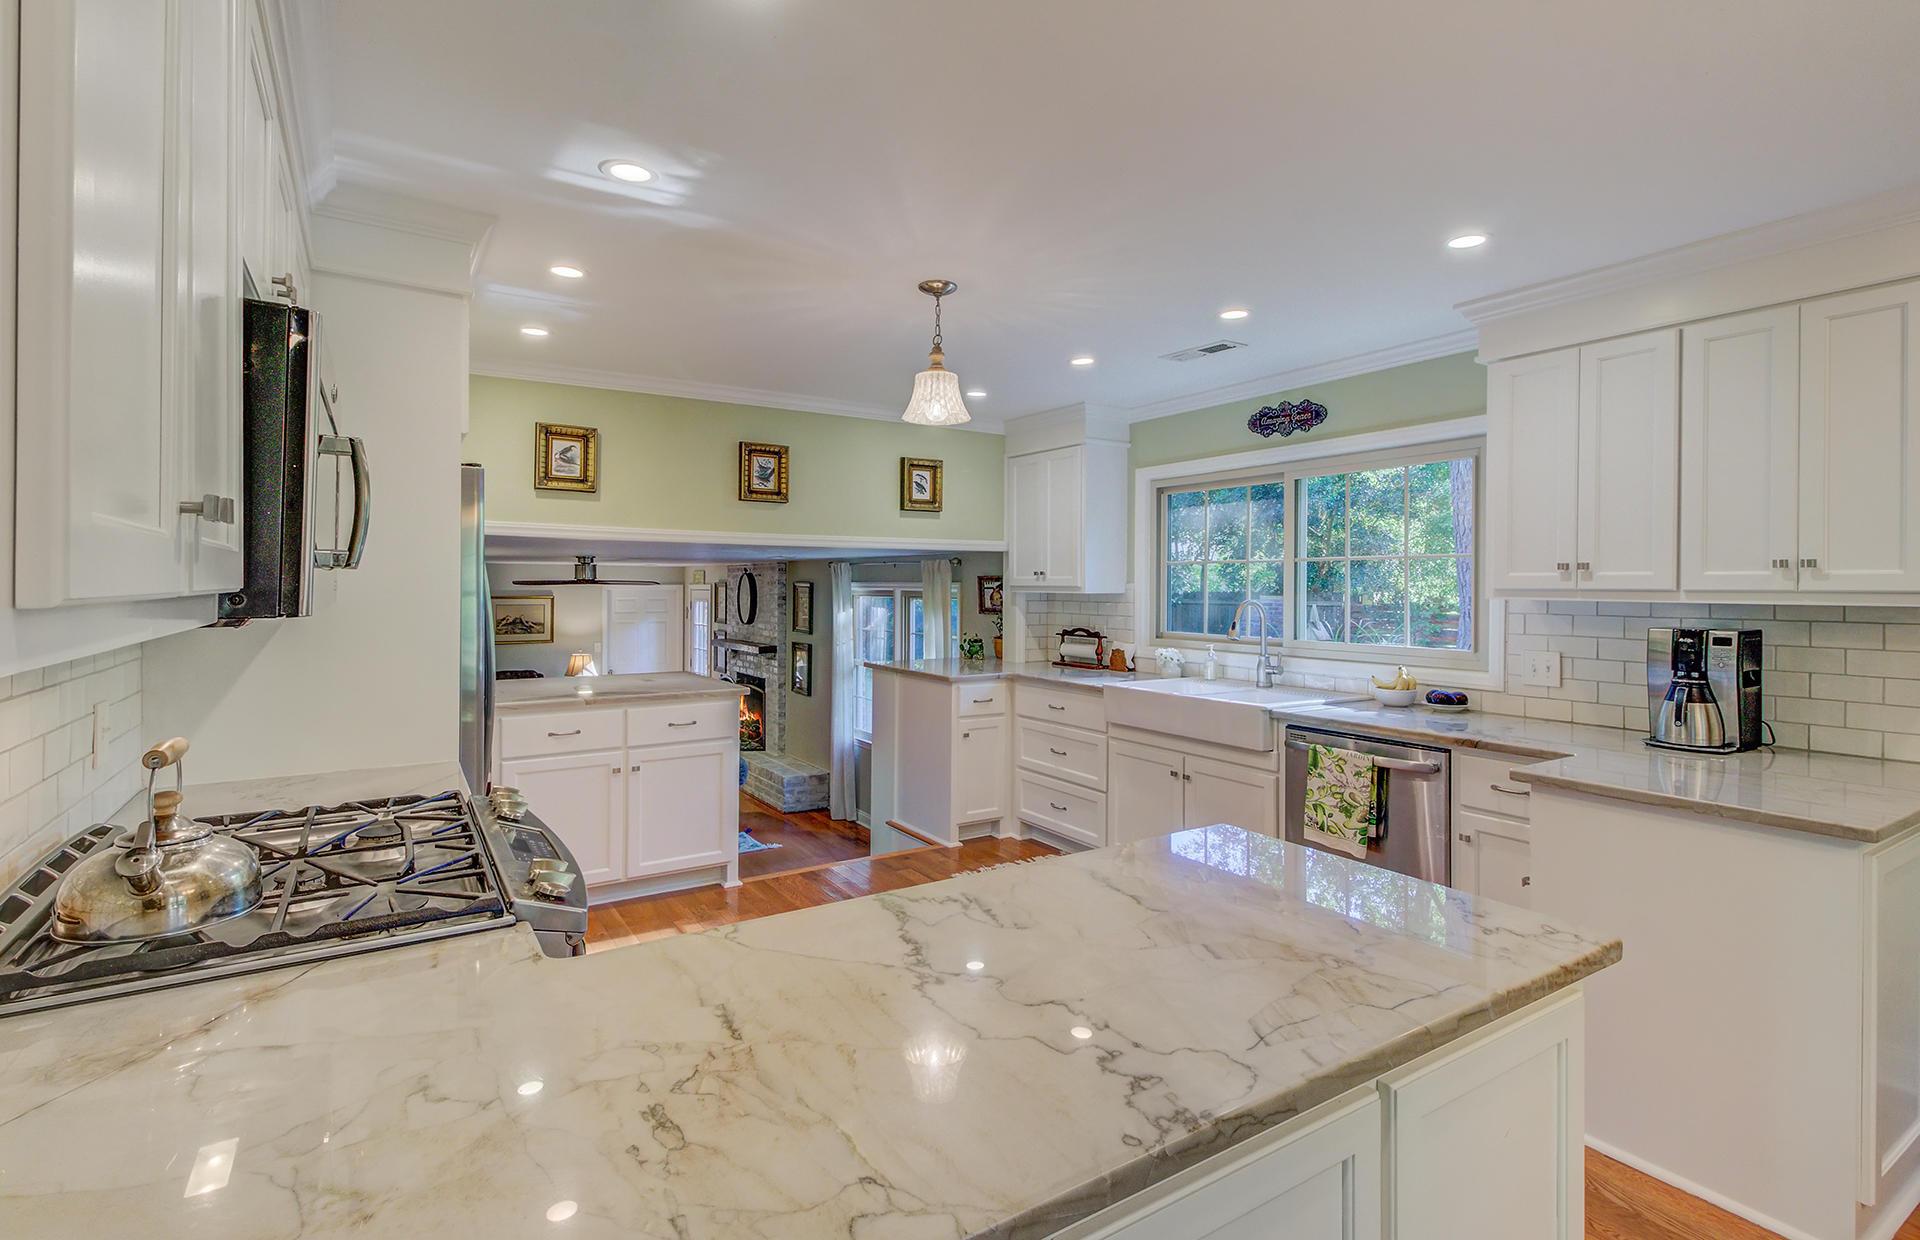 Pine Forest Inn Homes For Sale - 543 Simmons, Summerville, SC - 1